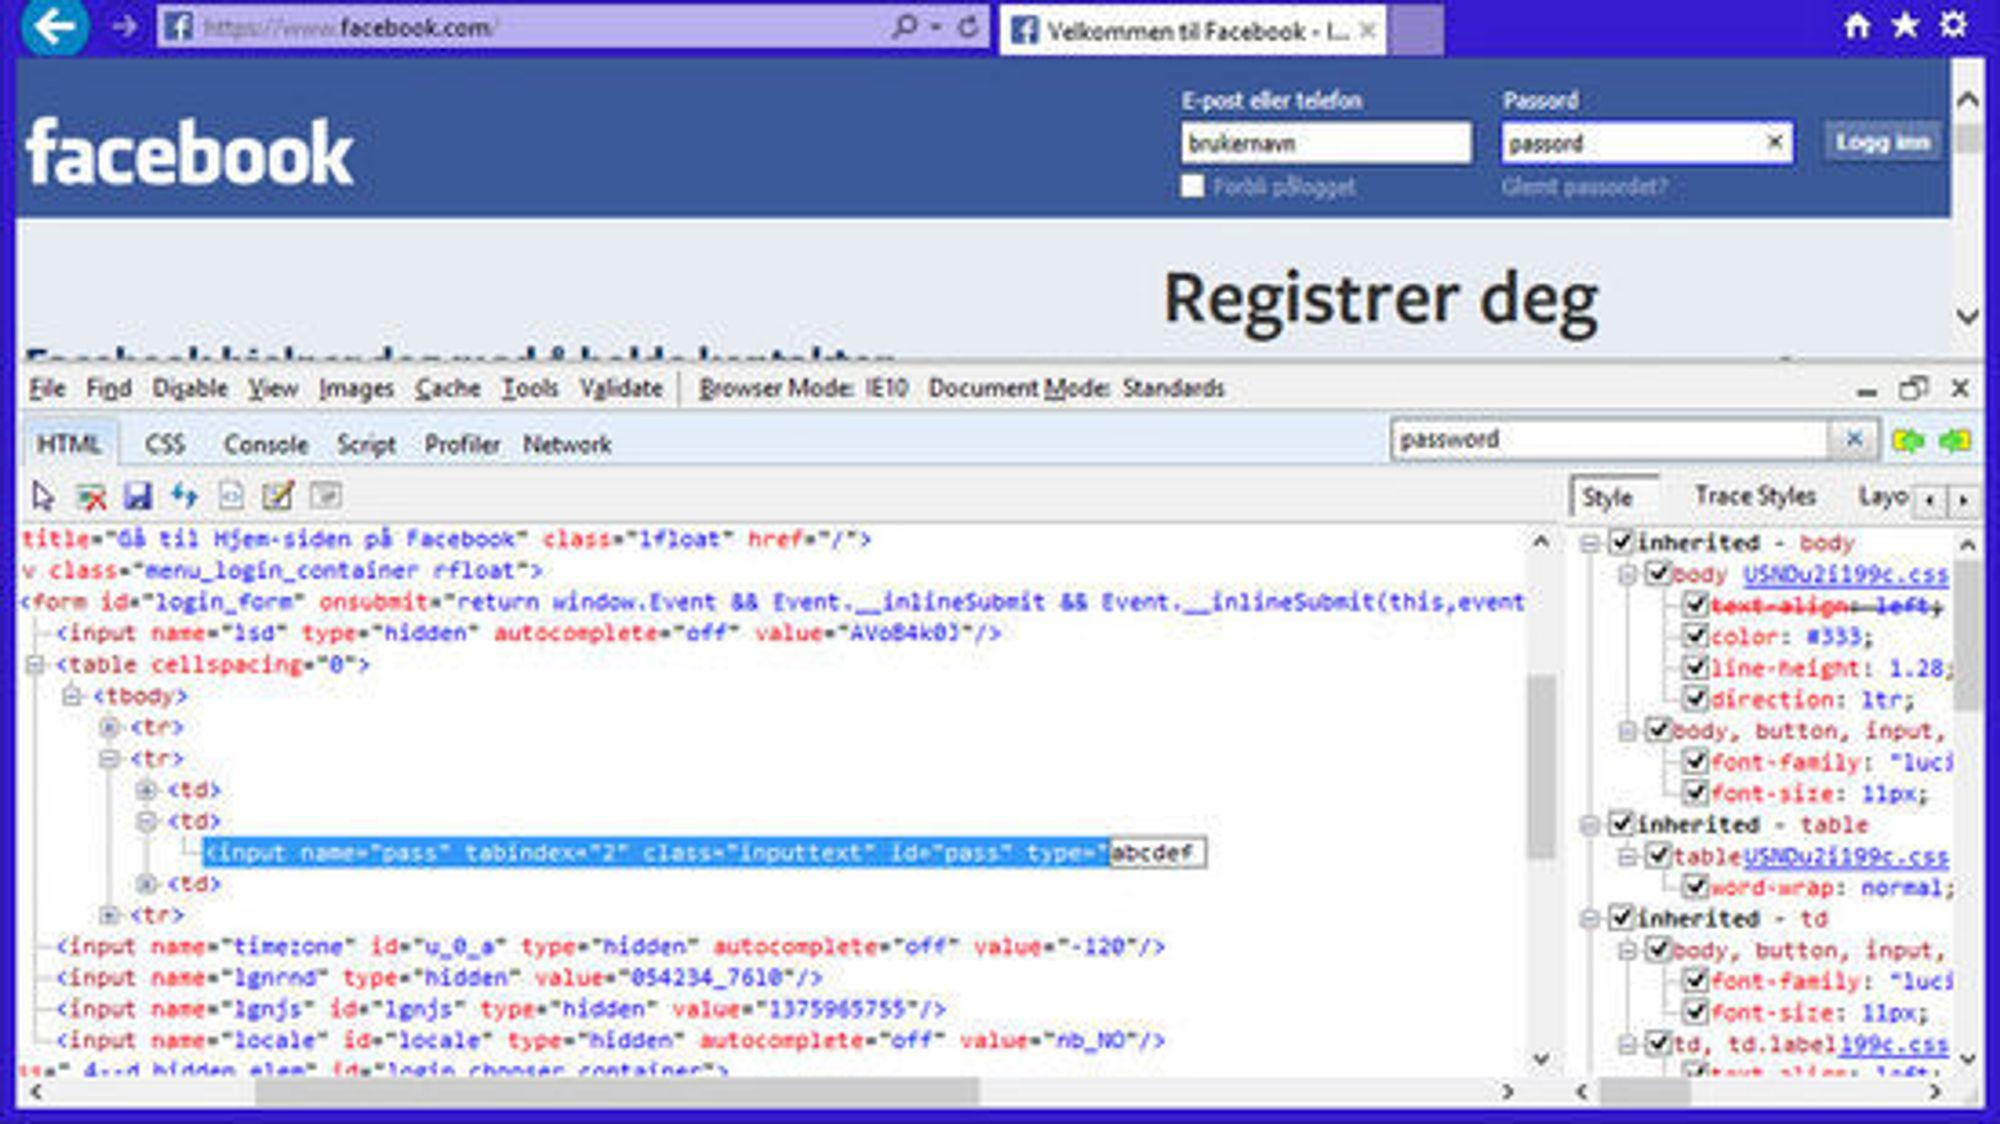 """Gå inn på Facebook med for eksempel Internet Explorer 10. Trykk F12 og skriv """"password"""" i søkefeltet som da kommer opp. Da finner du HTML-koden til passordfeltet på Facebook-siden. Endre verdien til input-parameteren type, så kan du lese hva som egentlig står i passordfeltet. Tilsvarende kan gjøres også i de fleste andre pc-nettlesere. På smartmobiler og nettbrett er nettleserne gjerne noe enklere og tilbyr derfor færre muligheter av denne typen."""